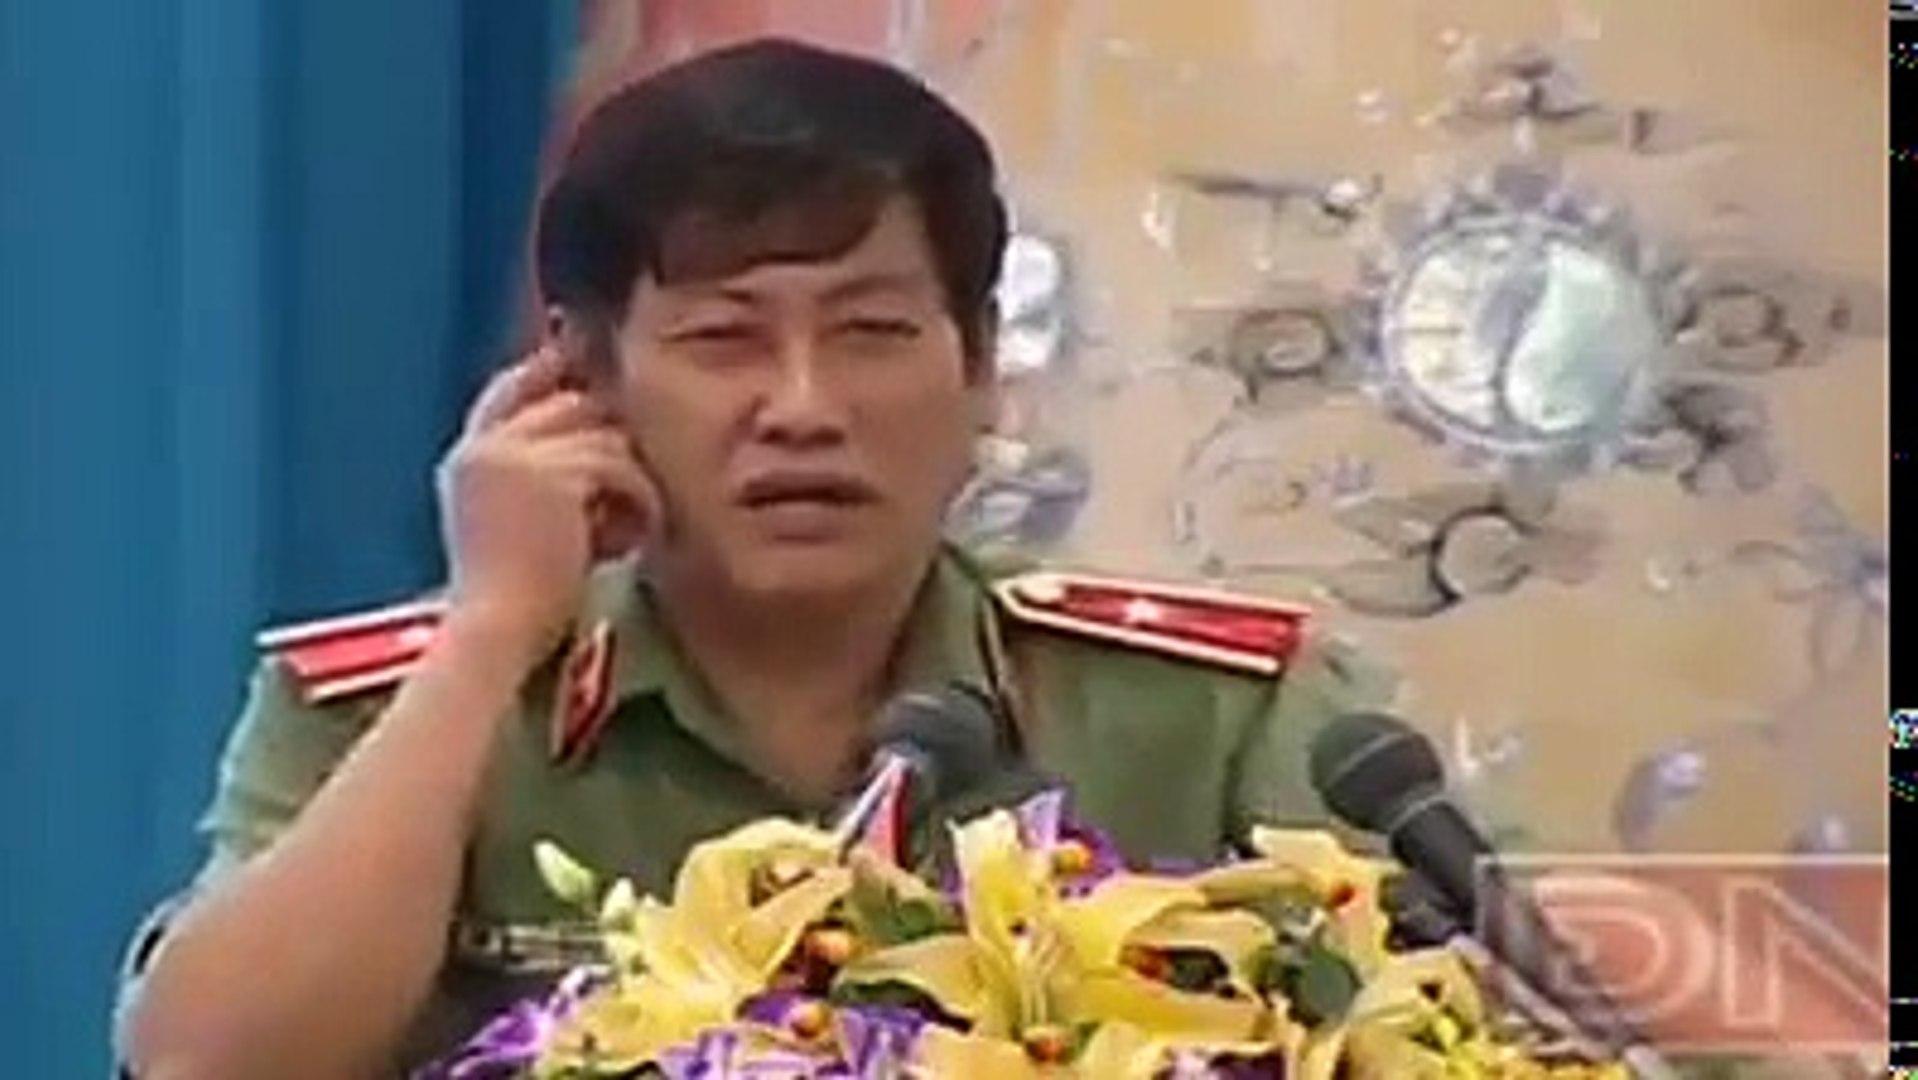 Tiết lộ động trời Thiếu tướng CA khẳng định TQ cài cắm hàng trăm lãnh đạo nằm trong chính quyền VN